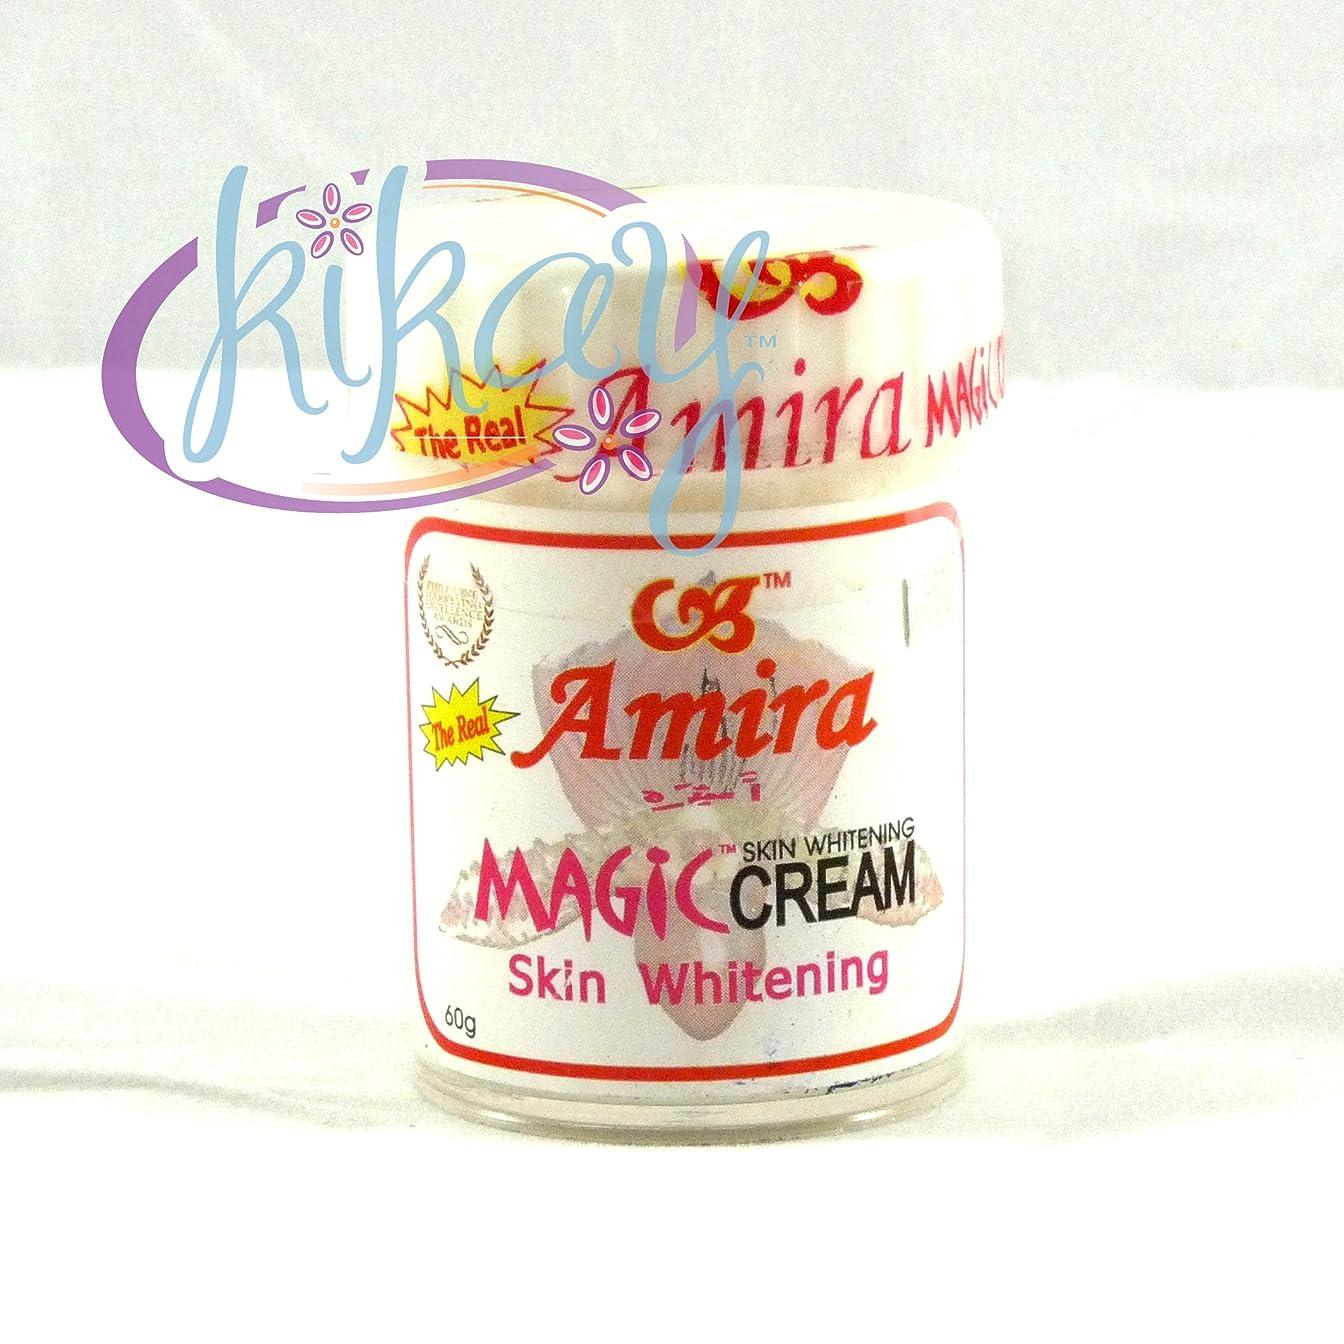 フライト飛ぶ浴室AMIRA THE REAL MAGIC CREAM【SKIN WHITENING CREAM 60g】PHILIPPINES〈スキン ホワイトニング クリーム〉フィリピン